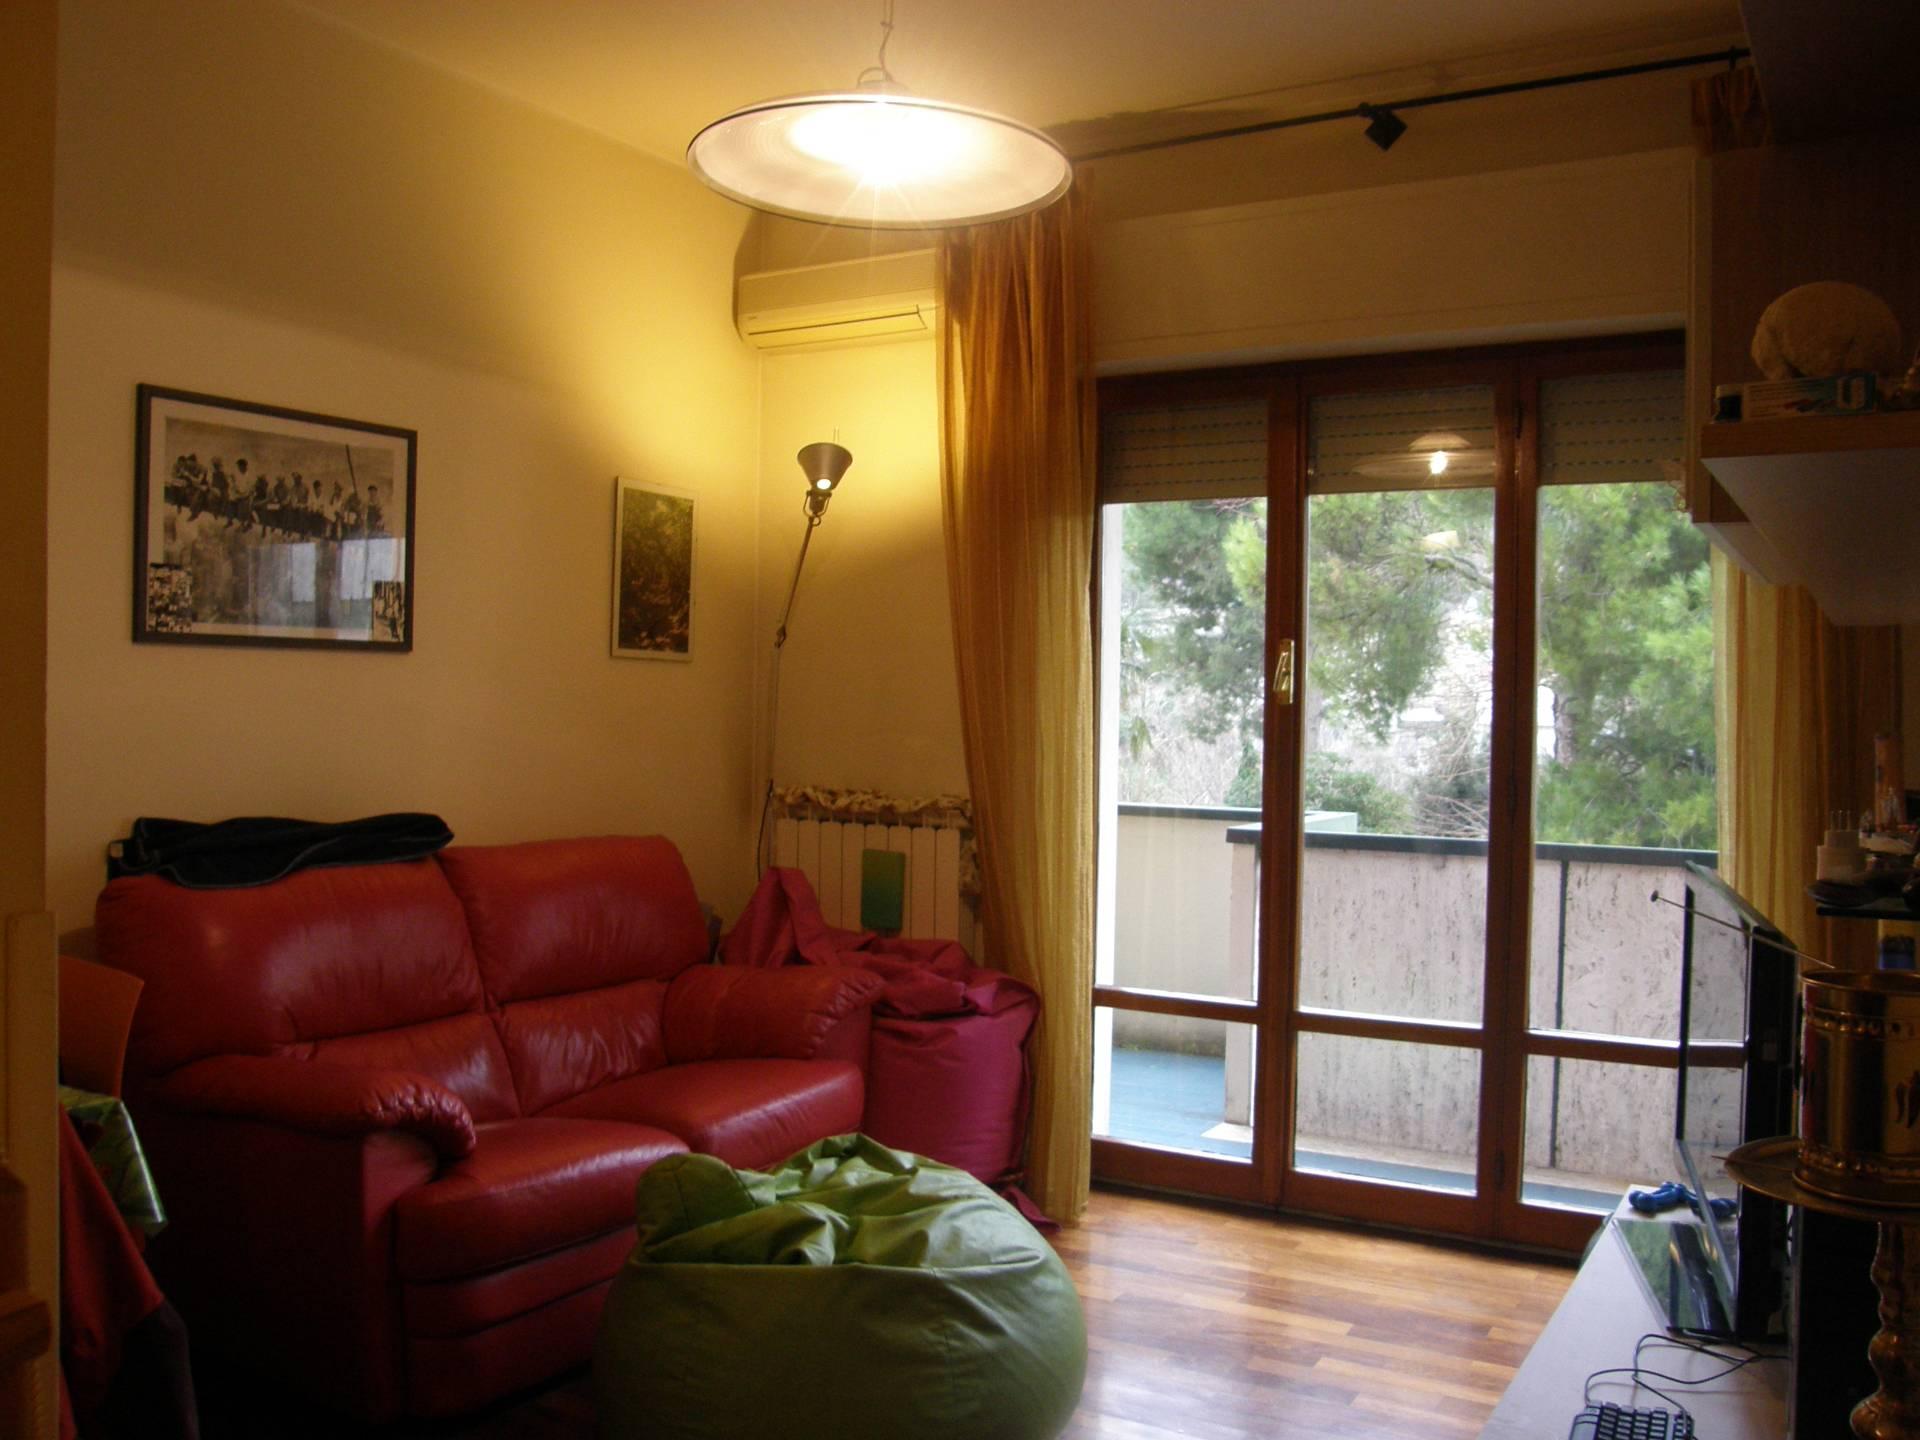 Appartamento in vendita a Ascoli Piceno, 2 locali, prezzo € 85.000 | Cambio Casa.it